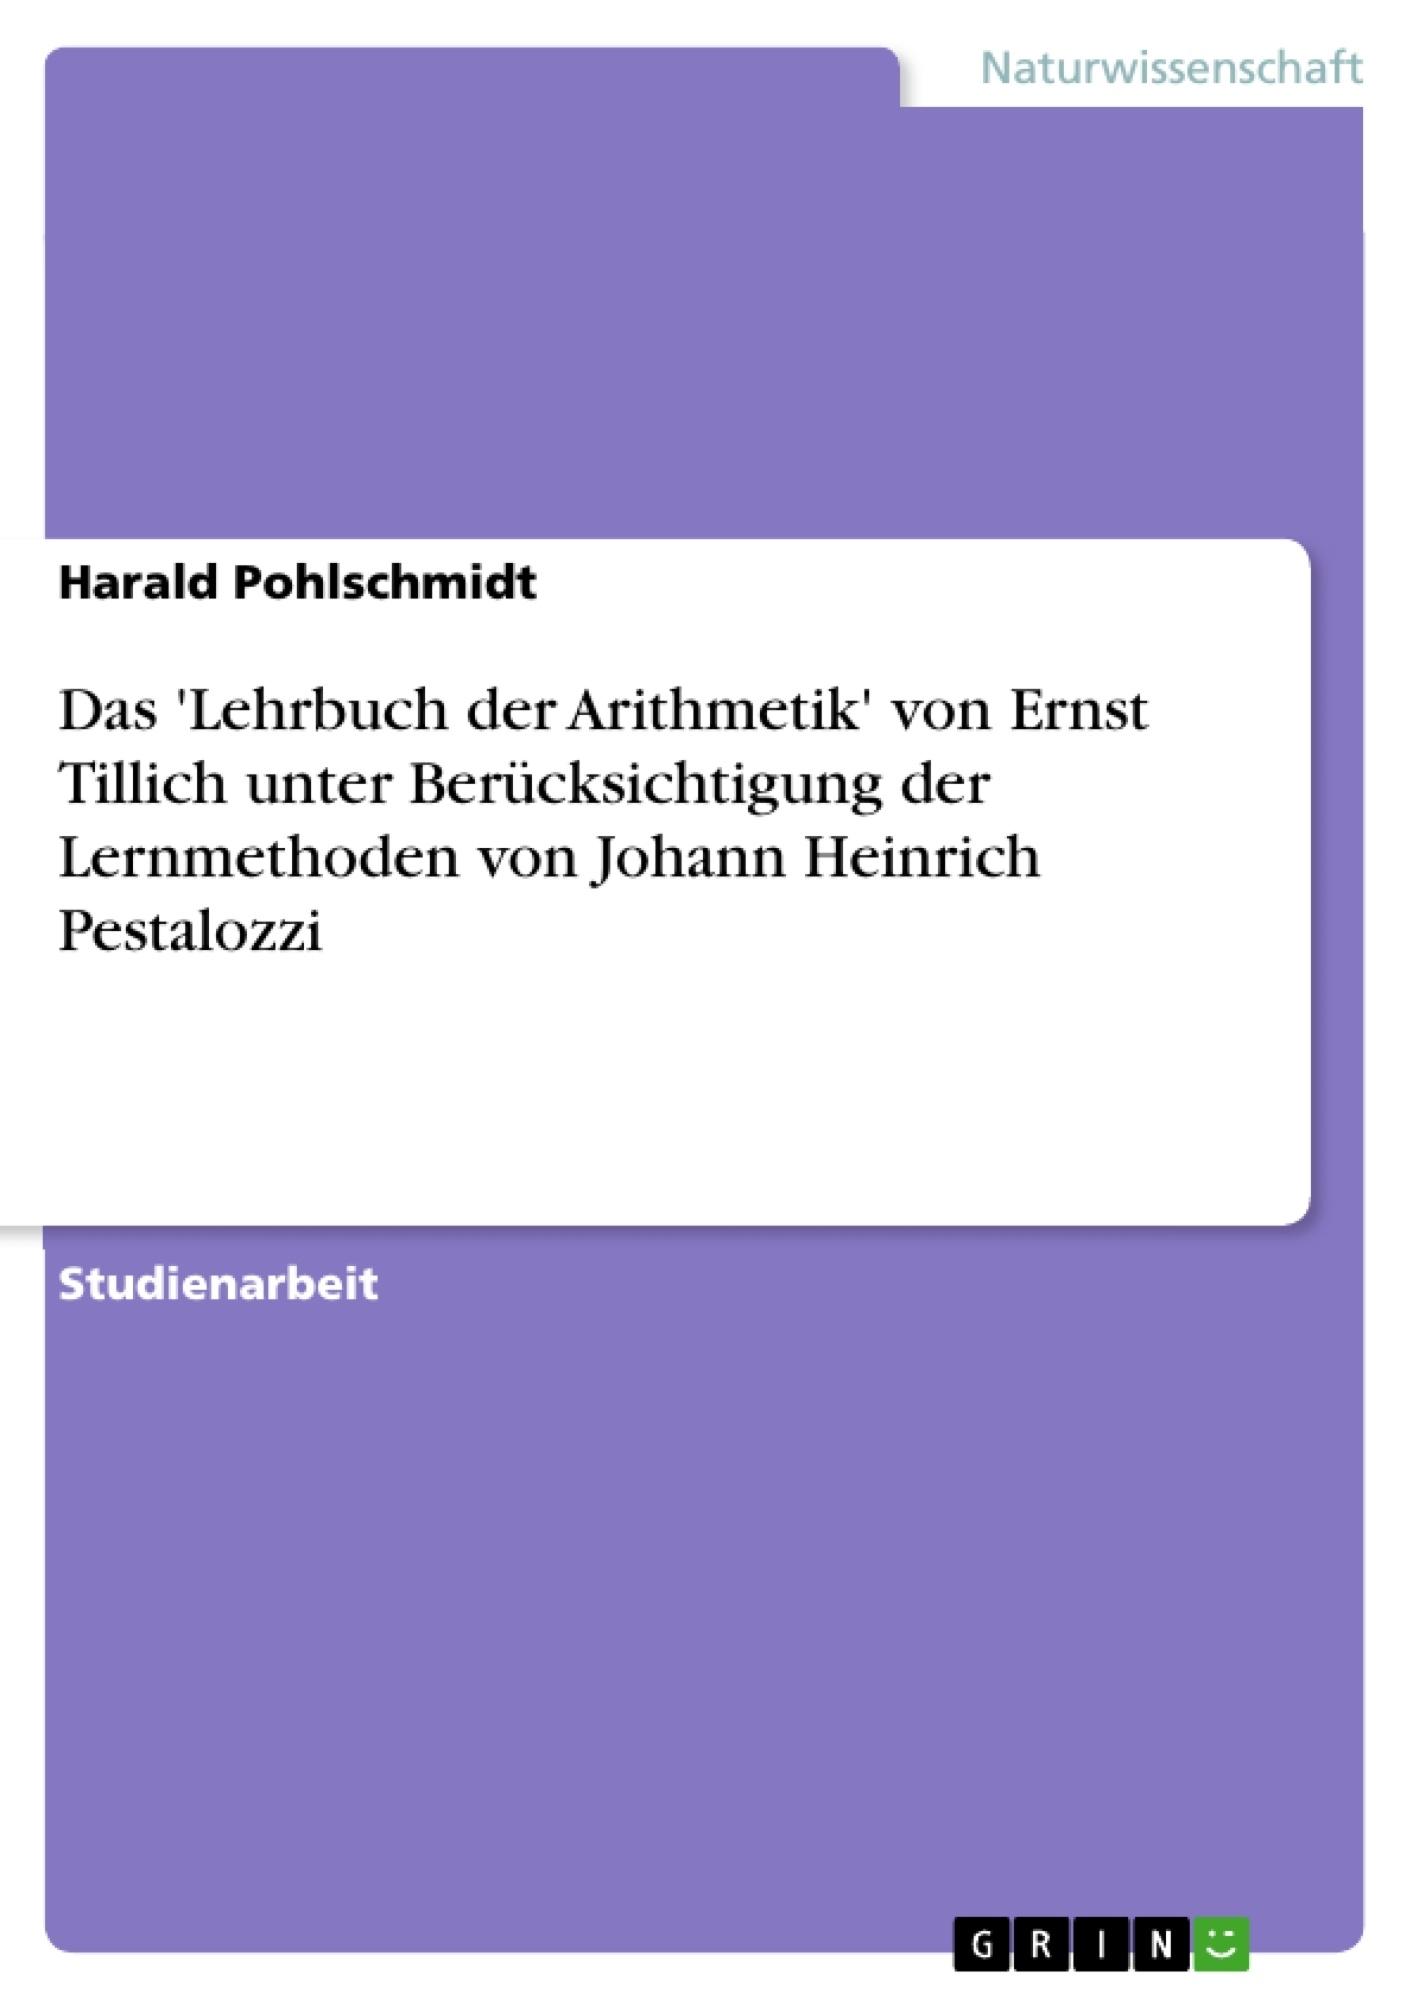 Titel: Das 'Lehrbuch der Arithmetik' von Ernst Tillich unter Berücksichtigung der Lernmethoden von Johann Heinrich Pestalozzi